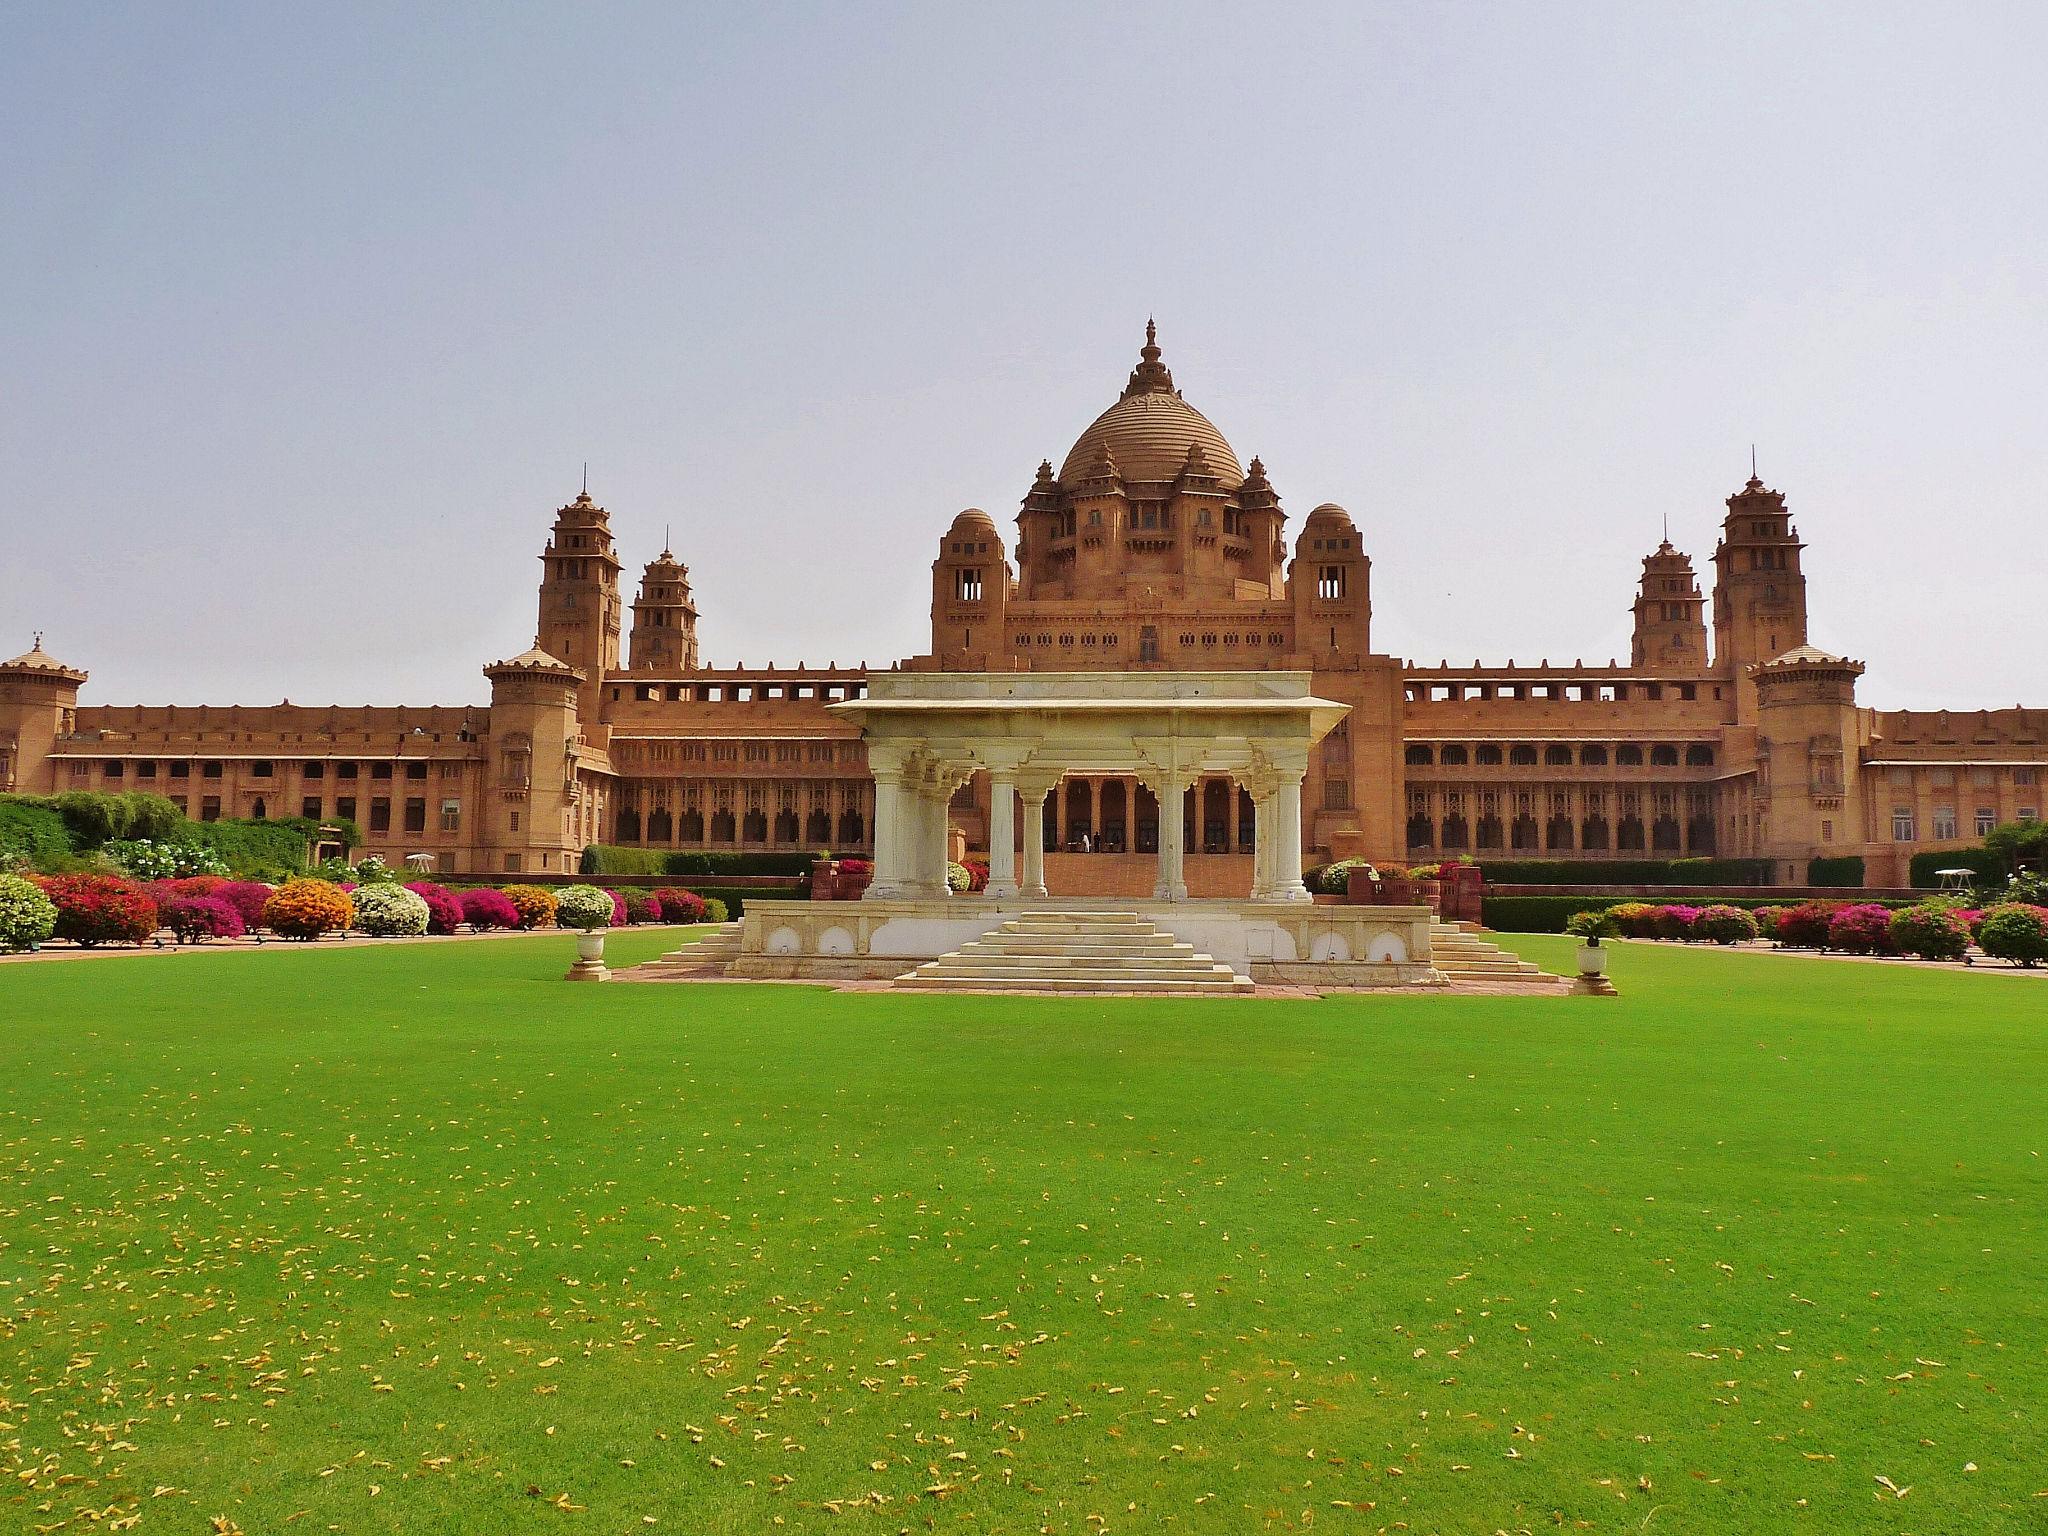 Playing princess at jodhpur s royal palace surreal luxury a